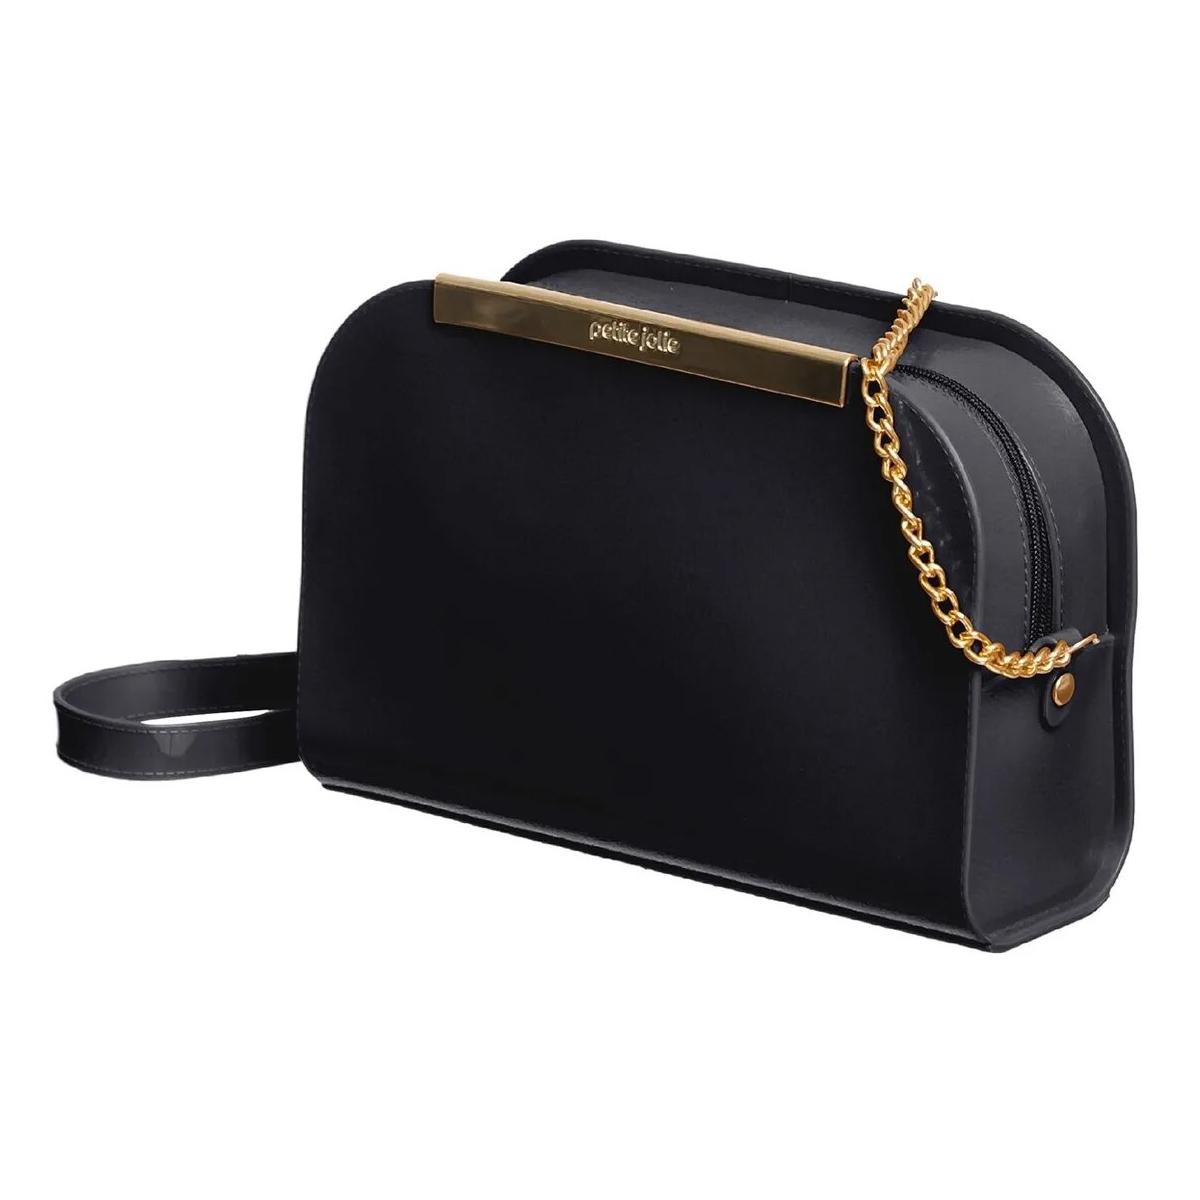 Bolsa Petite Jolie Pretty Design Exclusivo Original PJ10338